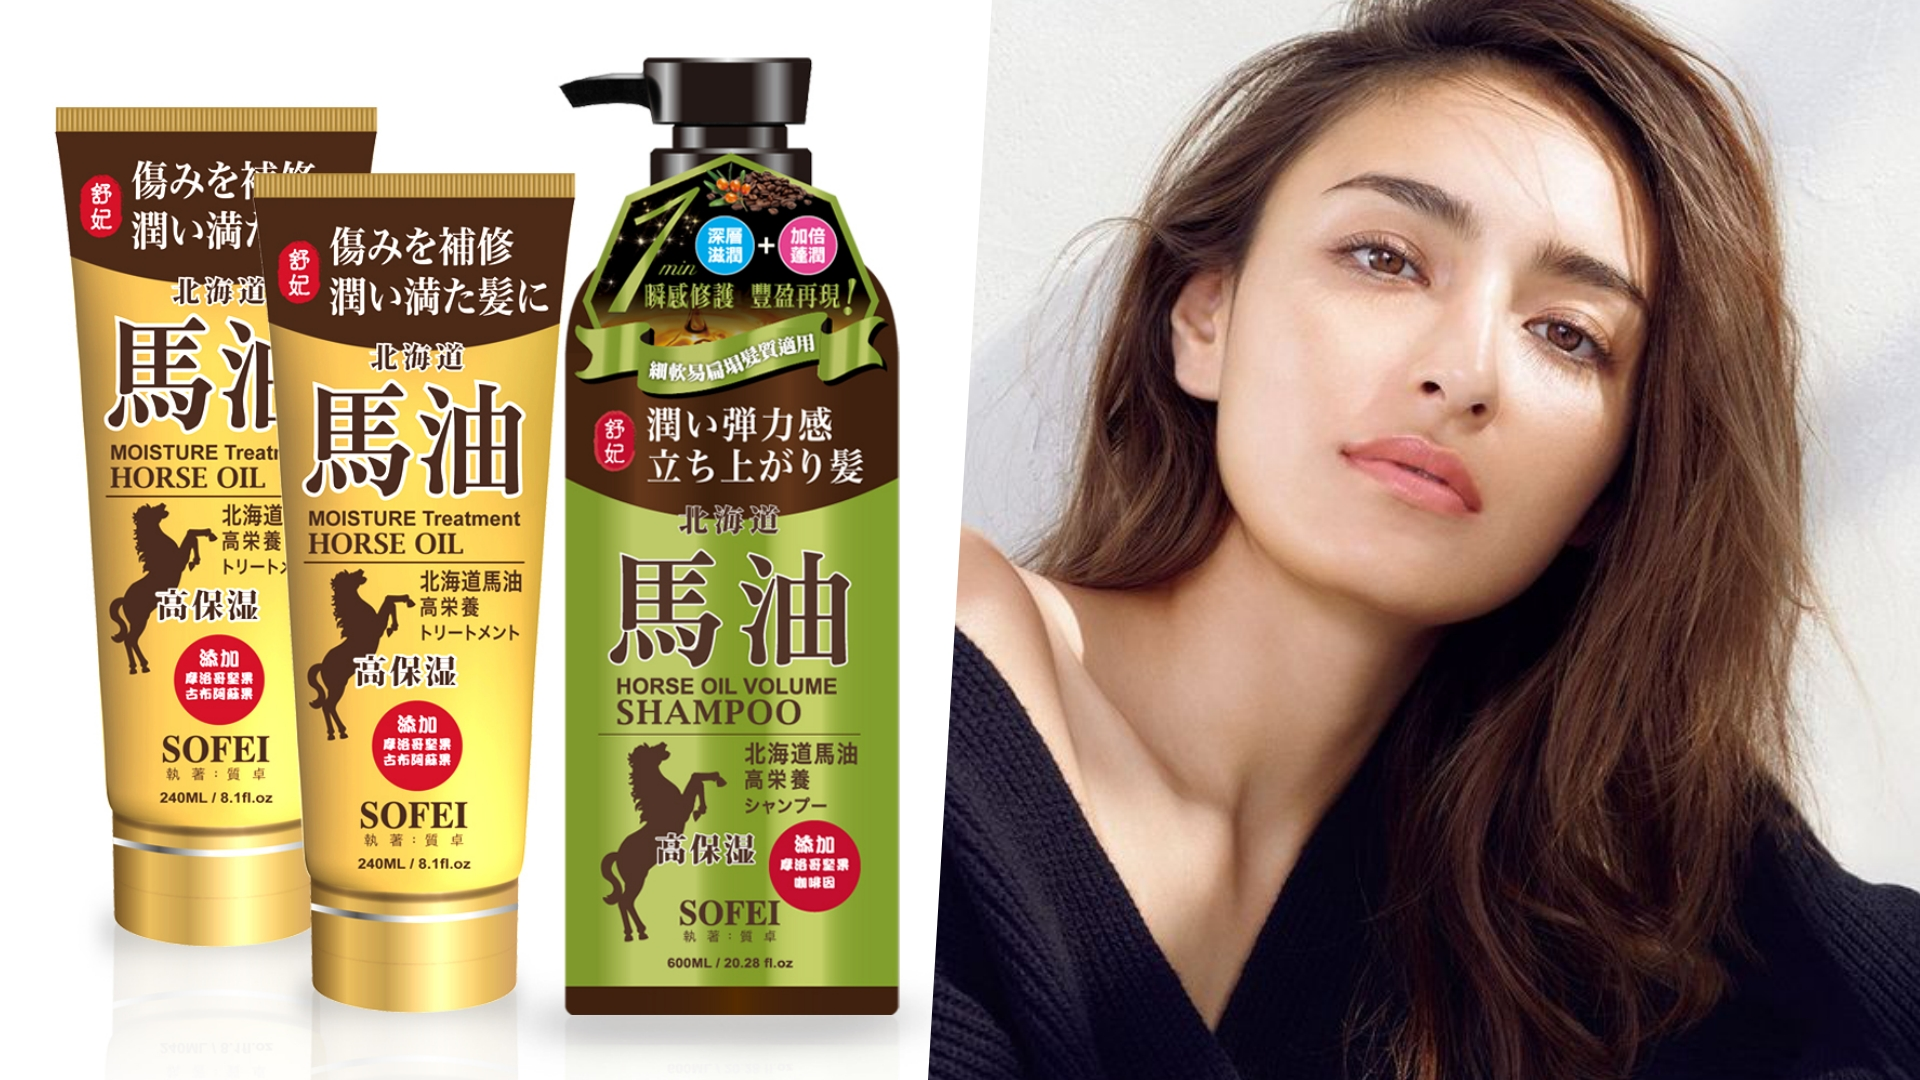 舒妃嚴選北海道馬油,具有良好的滋潤度和滲透性,而且富含多種營養成分,讓髮絲柔順卻不會造成負擔!